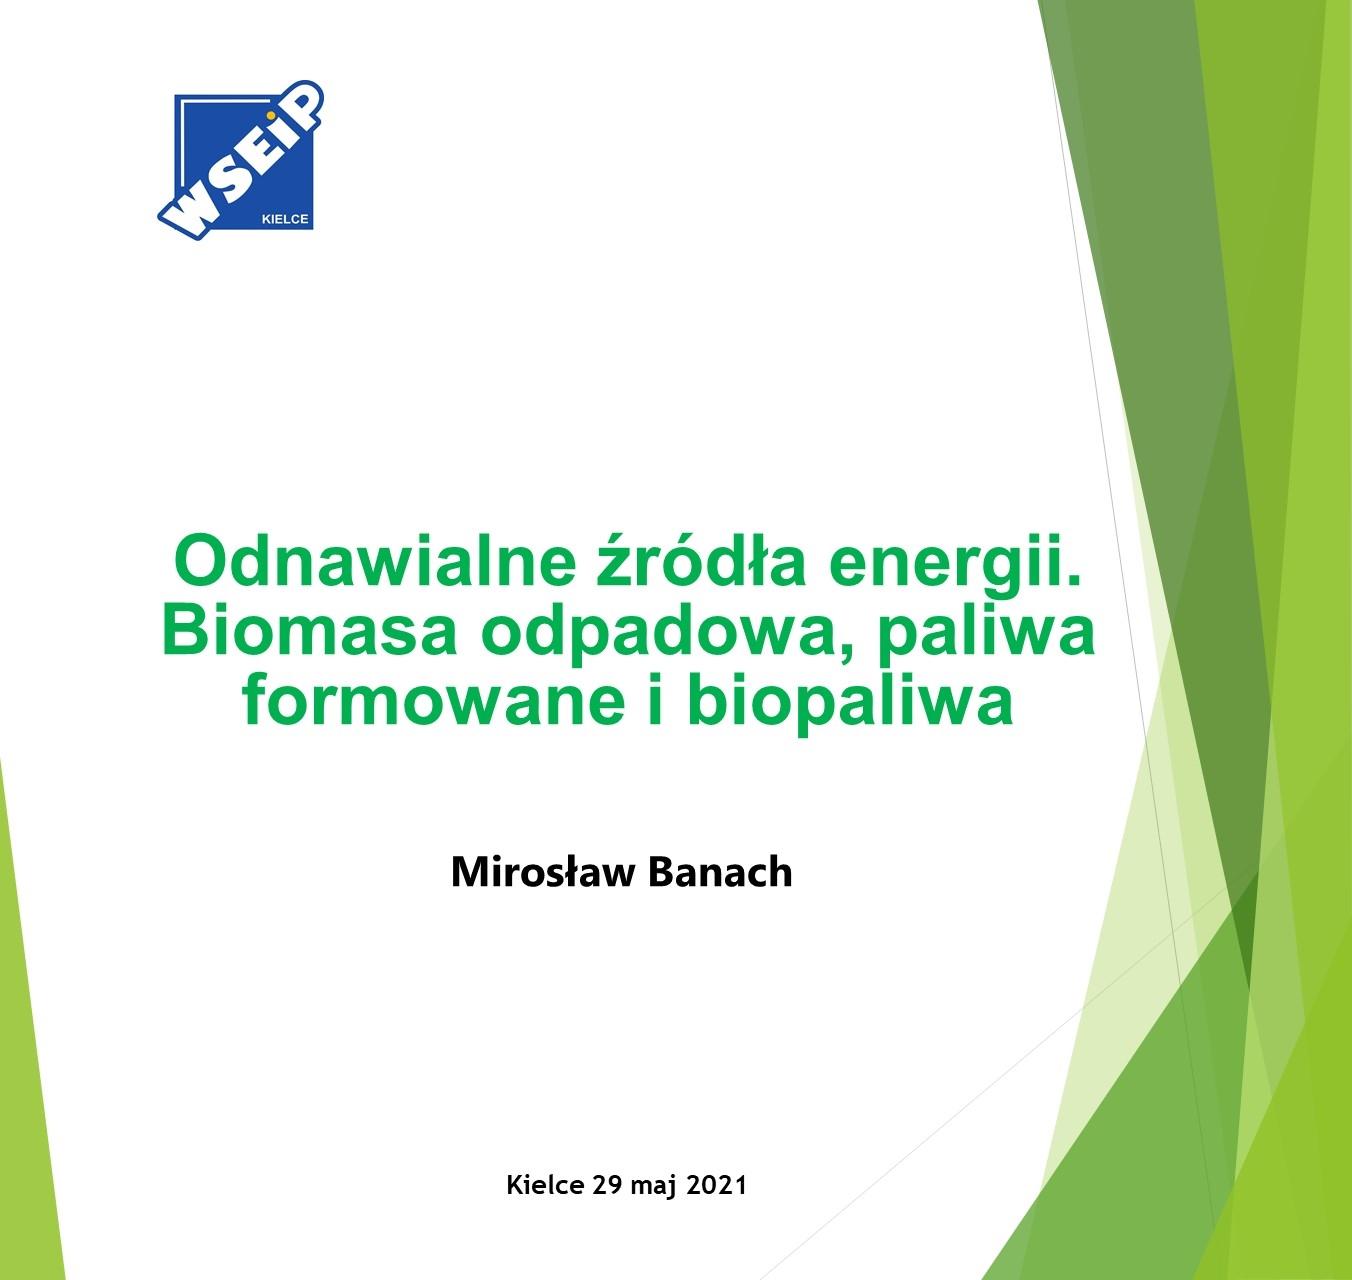 Odnawialne źródła energii- Biomasa odpadowa- paliwa formowane i biopaliwa 2020-2021-zimowy-OŹEBOPFiB -1- Wyk Pr OchrŚrod Gosp Odp 2020POD-SEhVMyjG